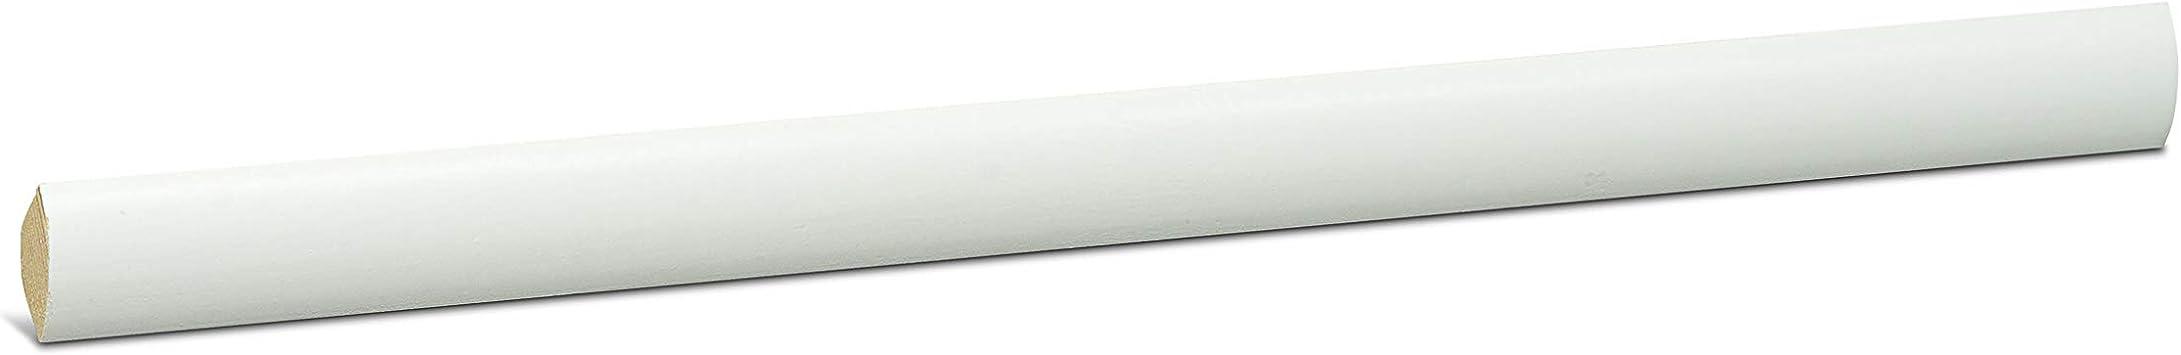 2.5m Viertelstab PVC 13x13mm Winkelprofil EICHE Abdeckleisten Profil Wand Leiste